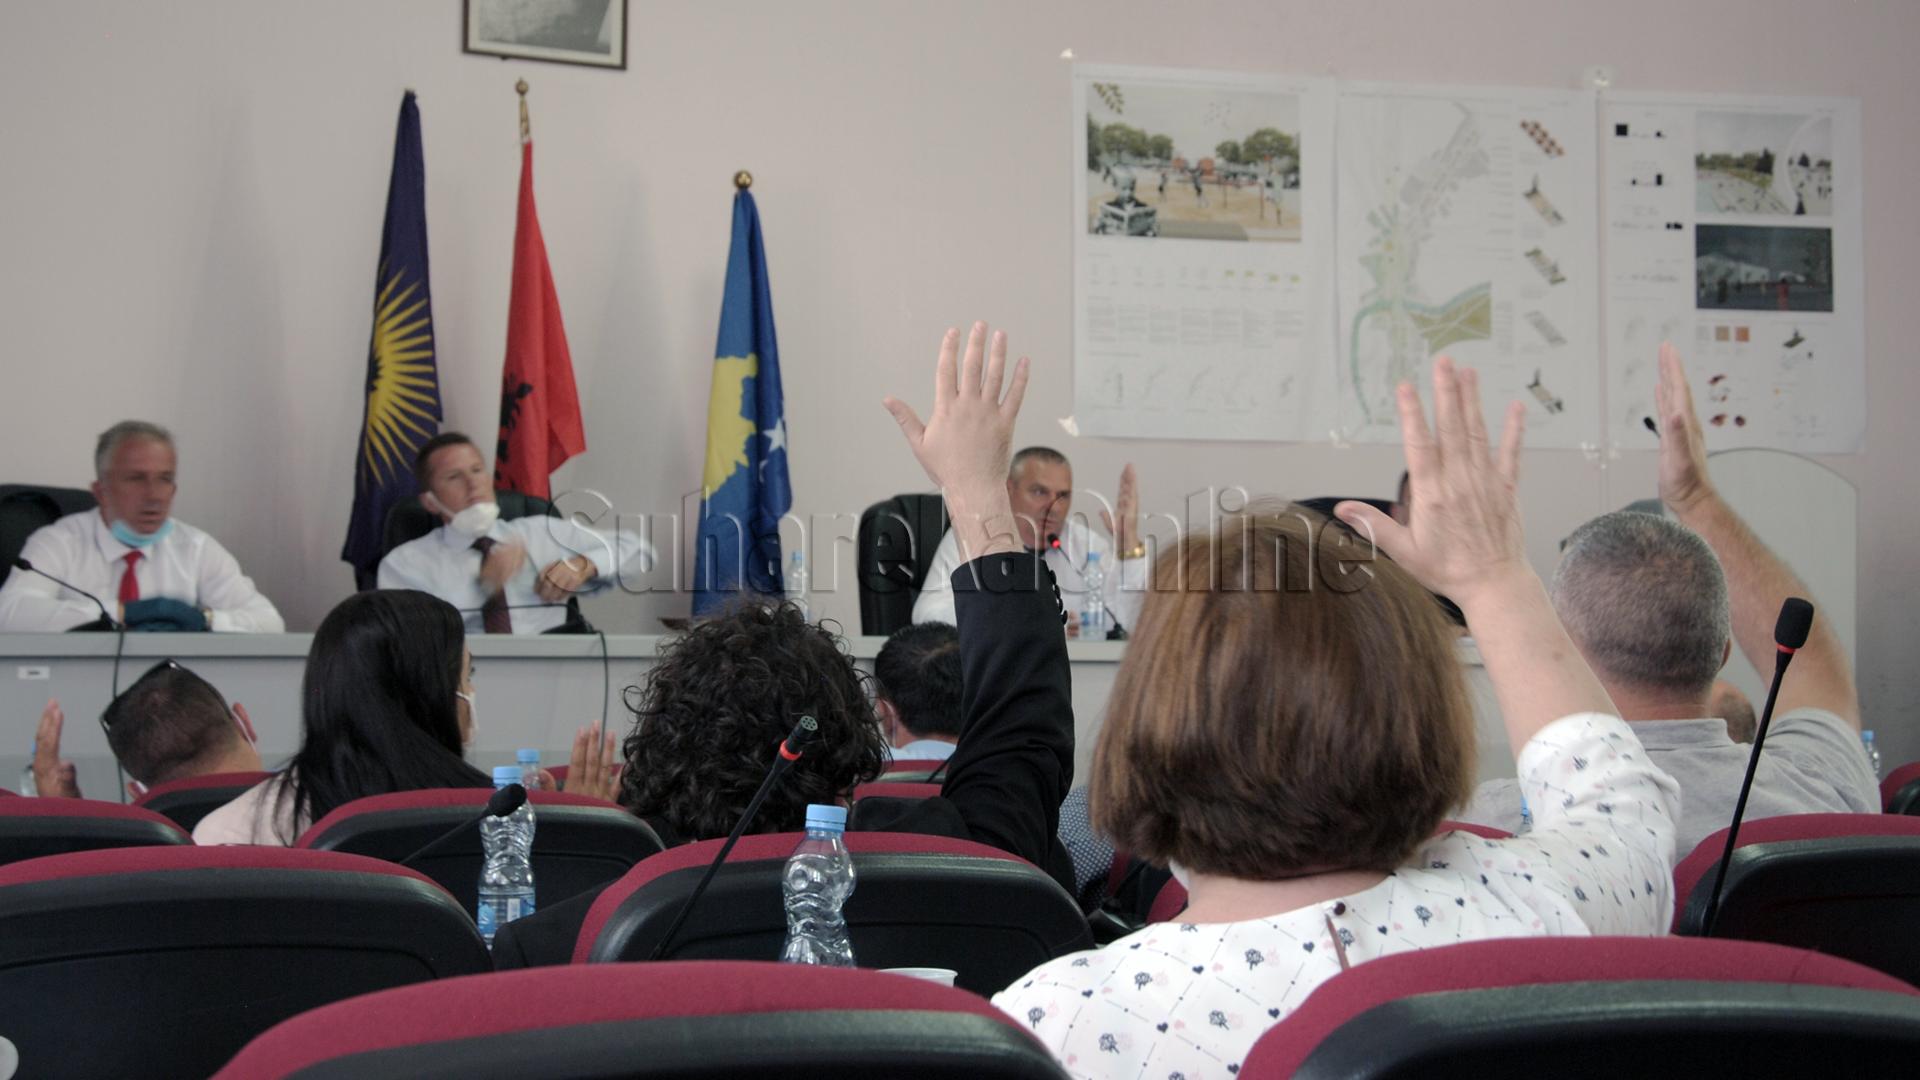 """Propozimi për emërtimin e Gjimnazit """"Jeta e Re"""" me emrin e Fadil Vatës kalon në asamblenë komunale"""